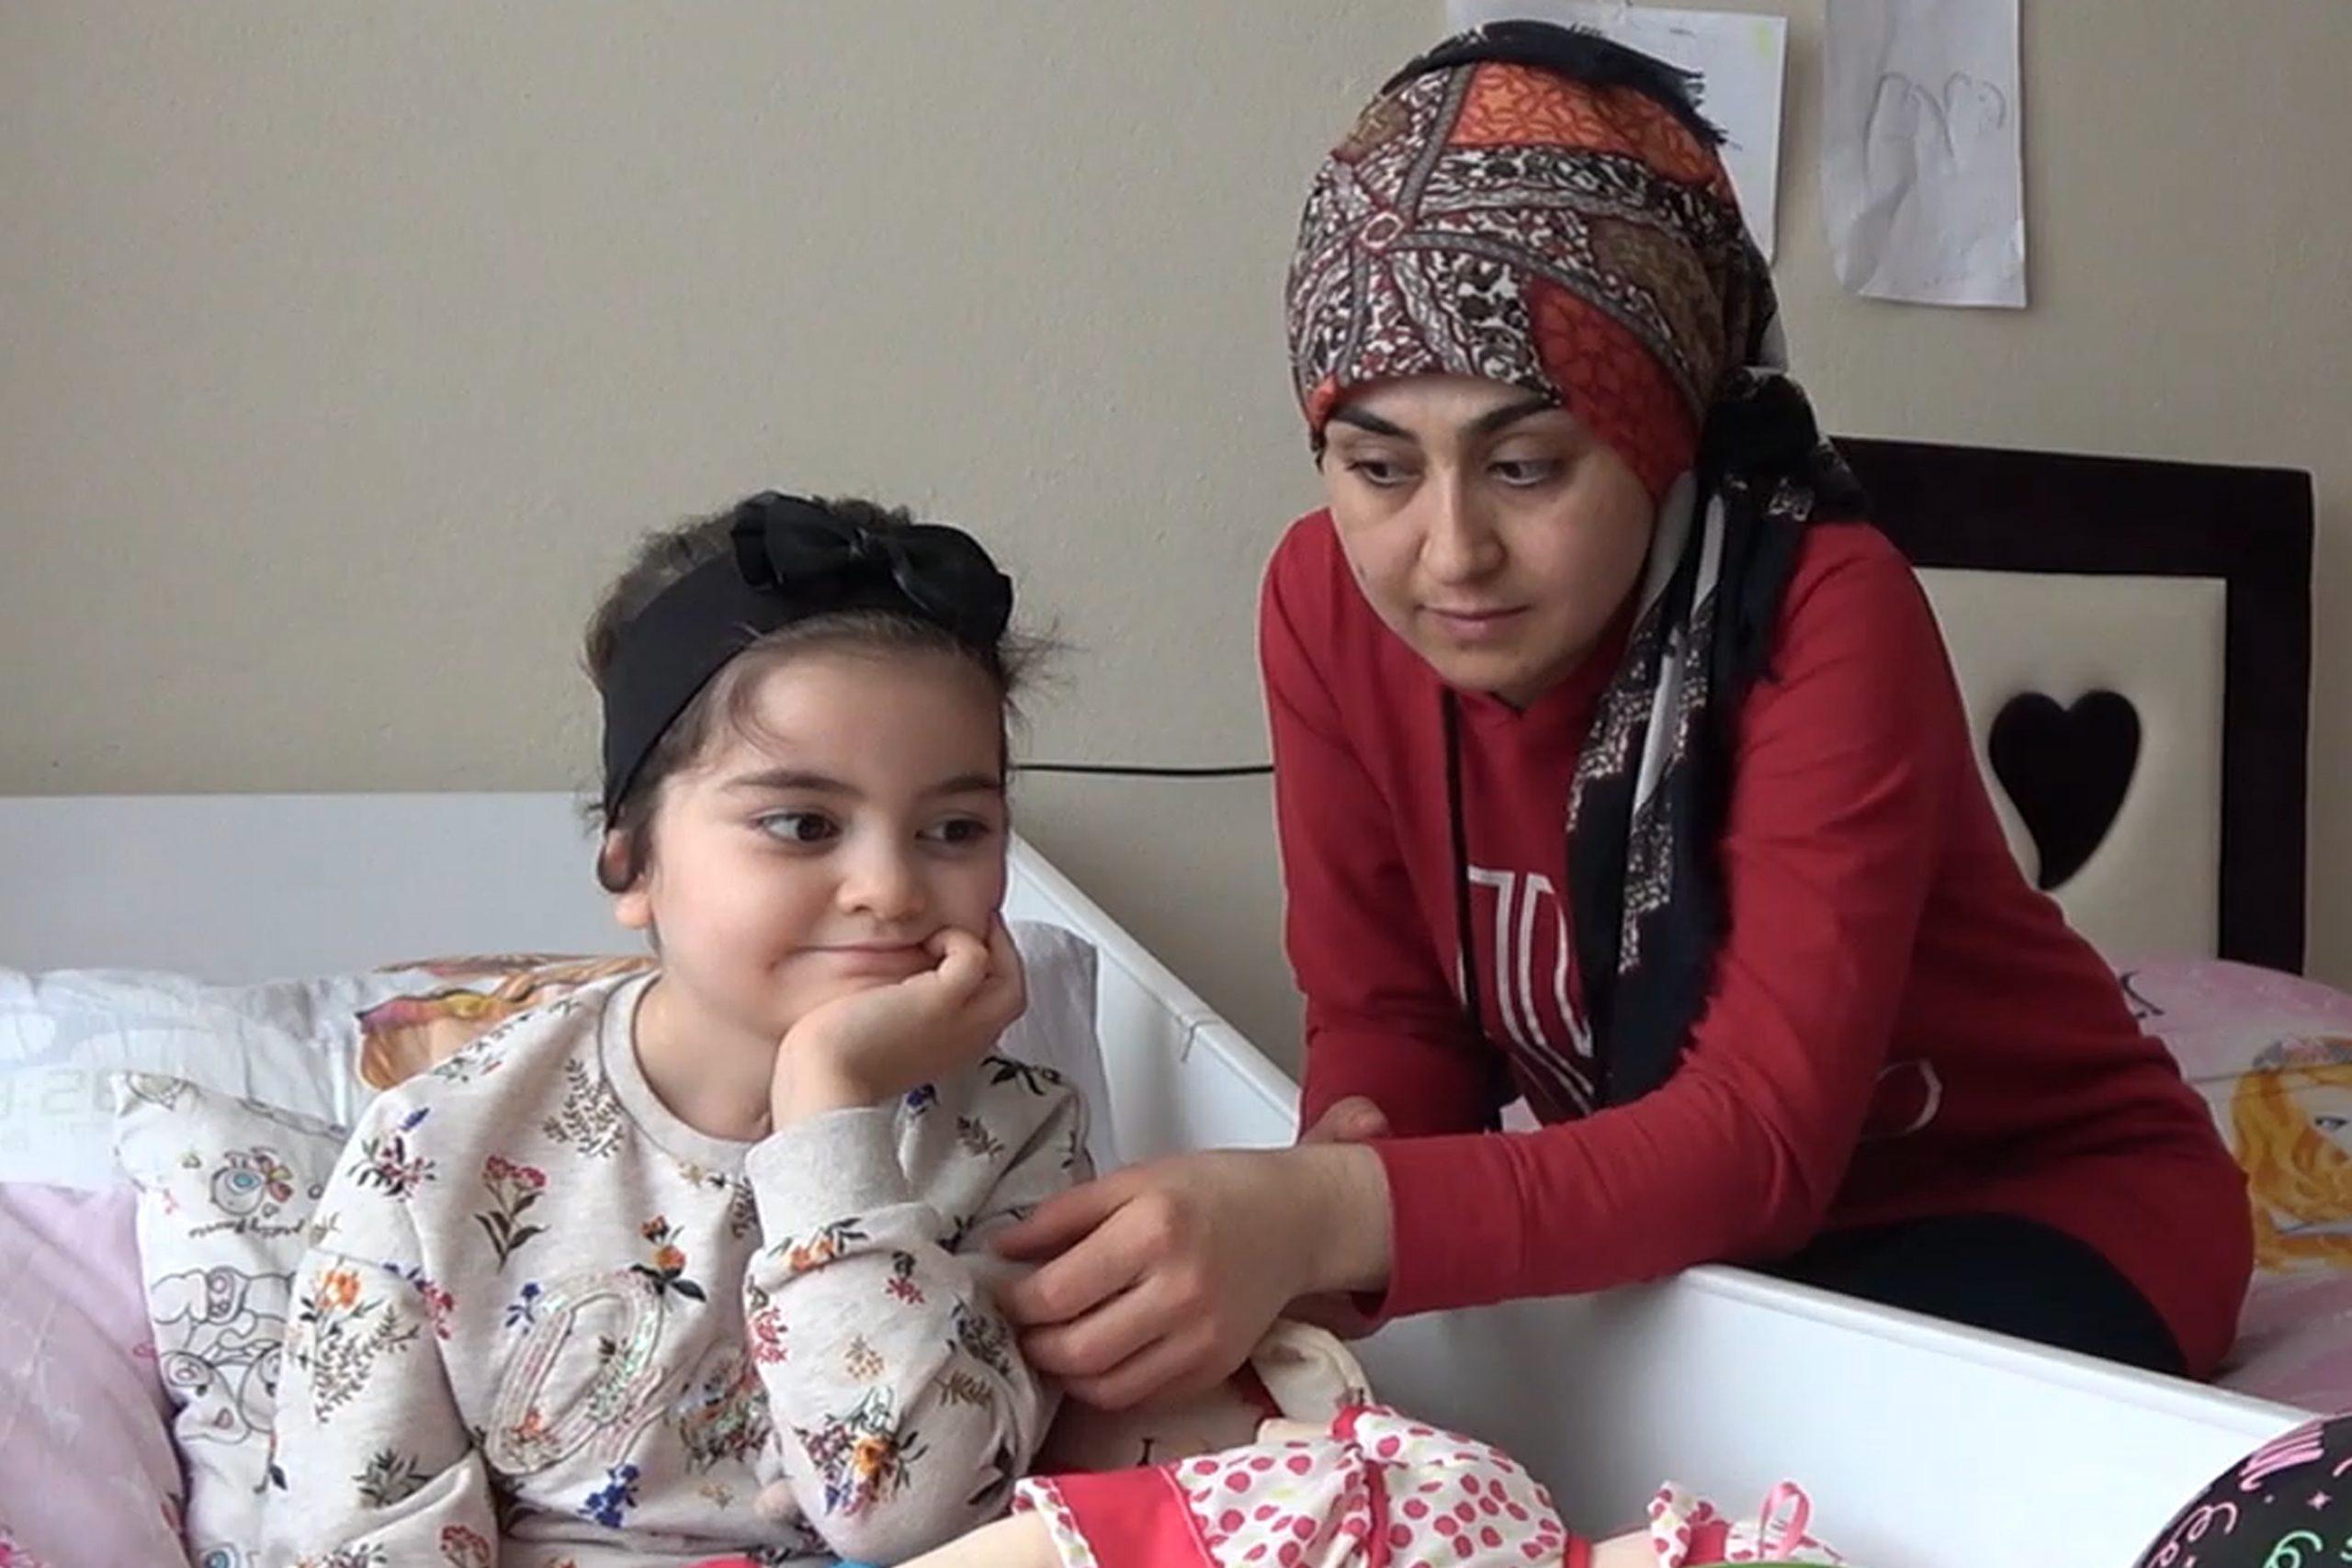 Grip virüsü yüzünden felç kalan 5 yaşındaki Esin, yürümek için yardım bekliyor